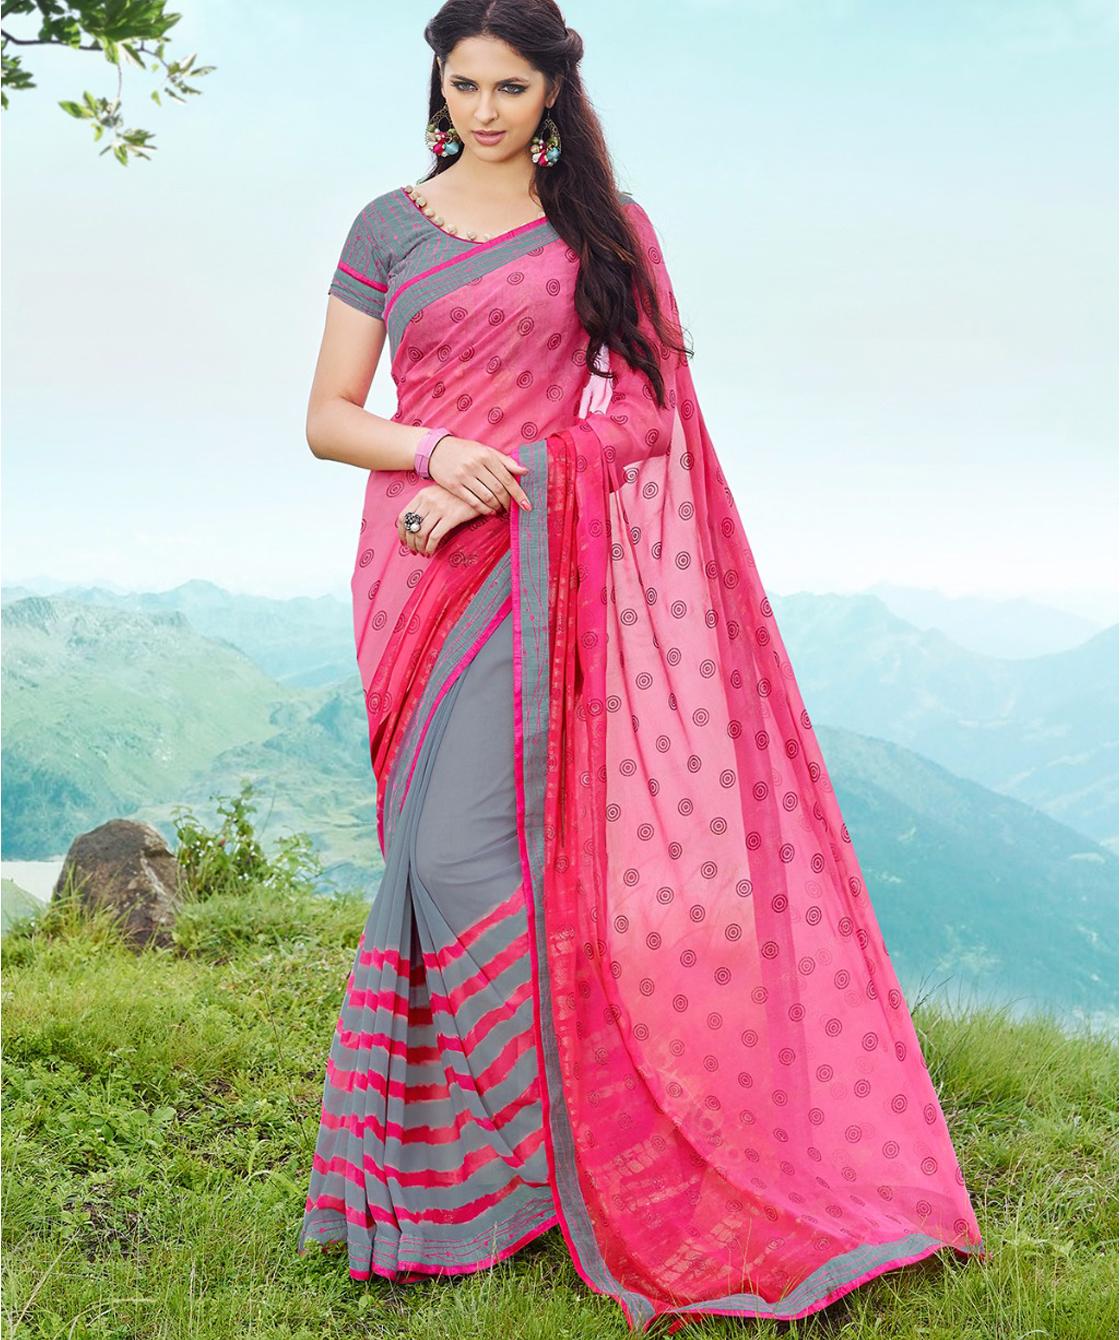 997a13c4da Sanskar Saree - Sanskar Saree Exporter, Importer, Manufacturer ...